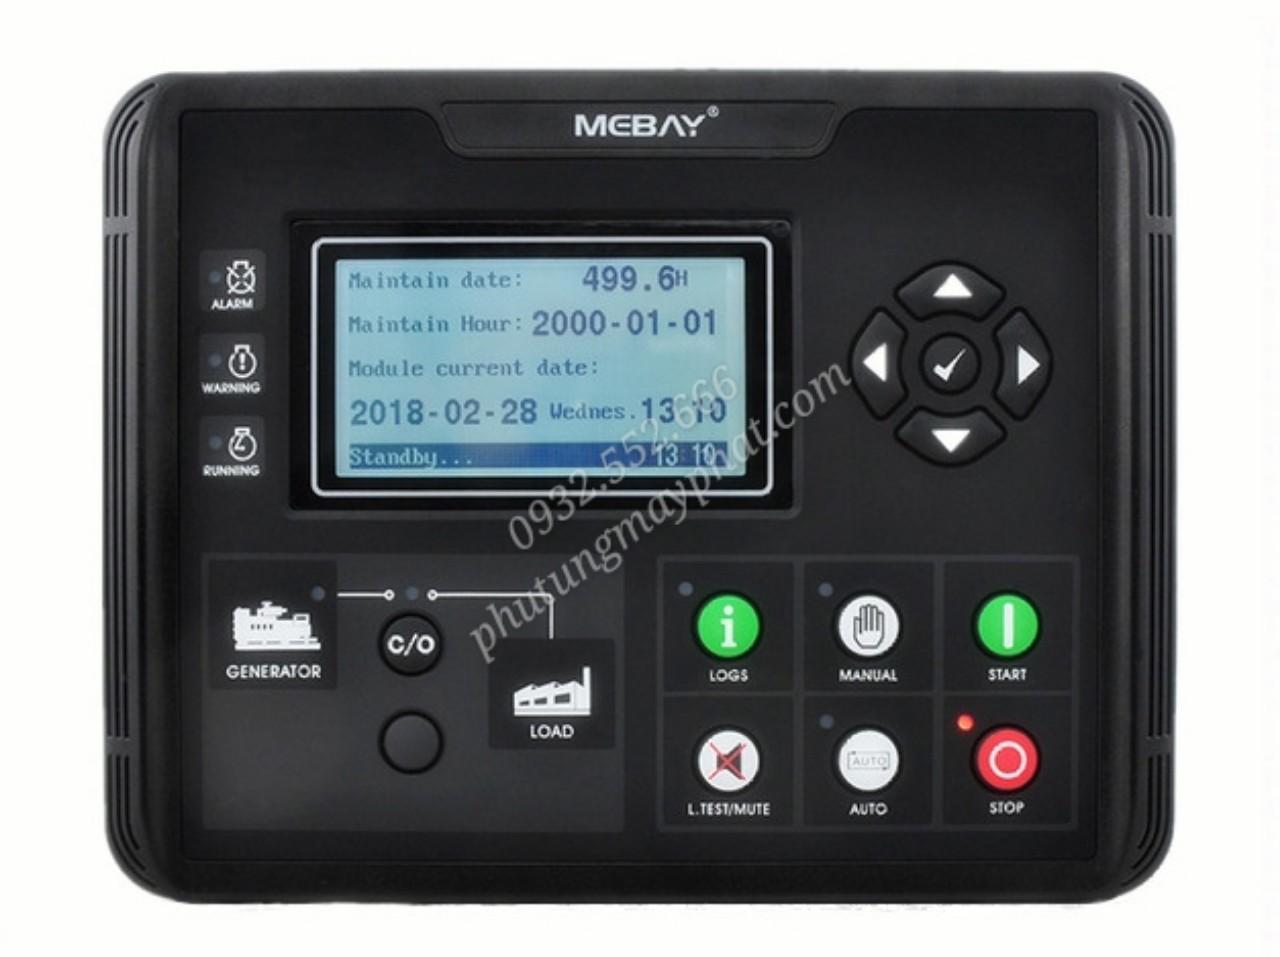 Mebay DC50D MKII